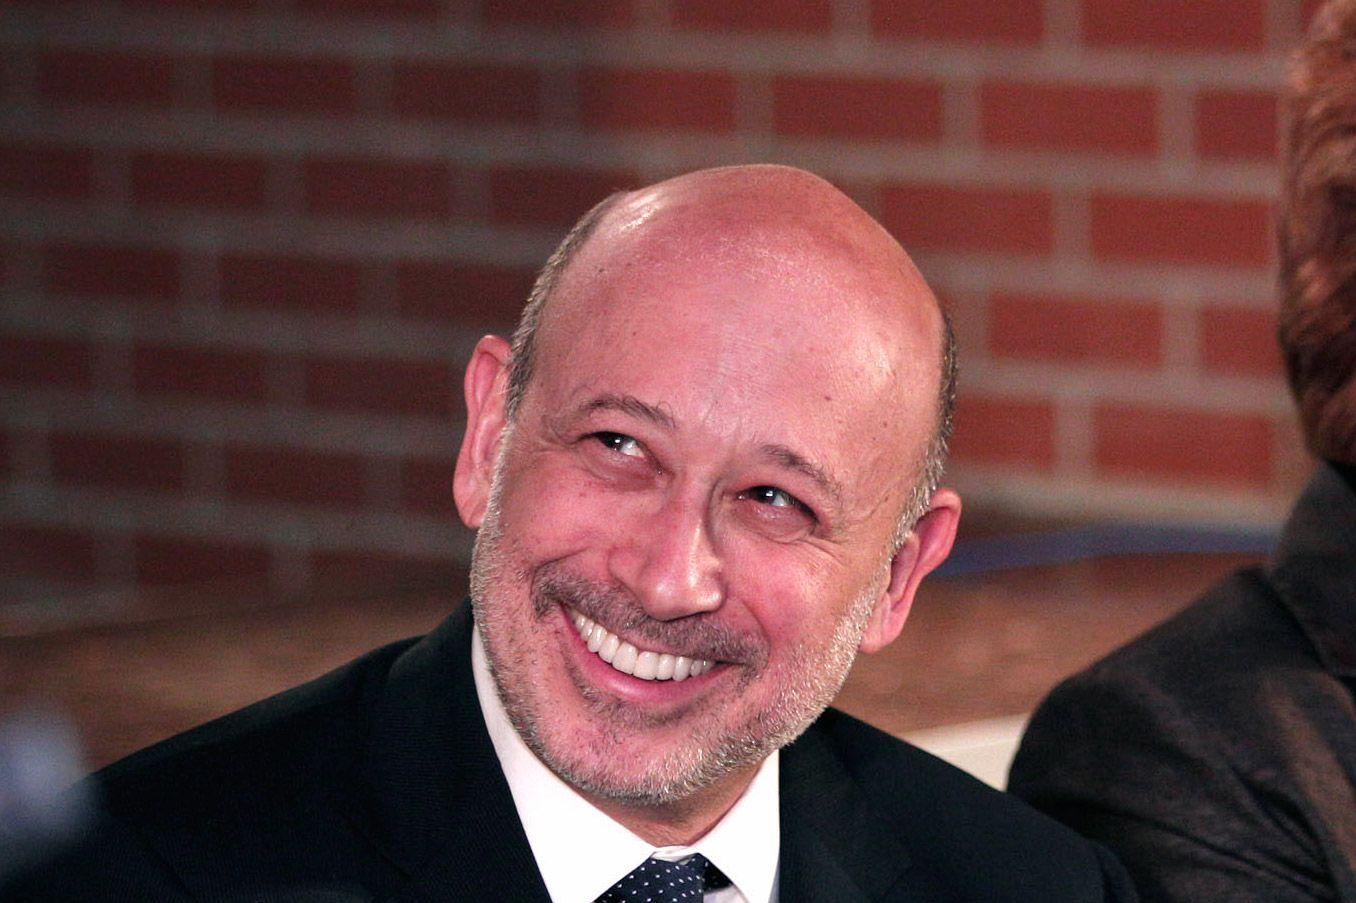 Lloyd Blankfein, CEO of Goldman Sachs